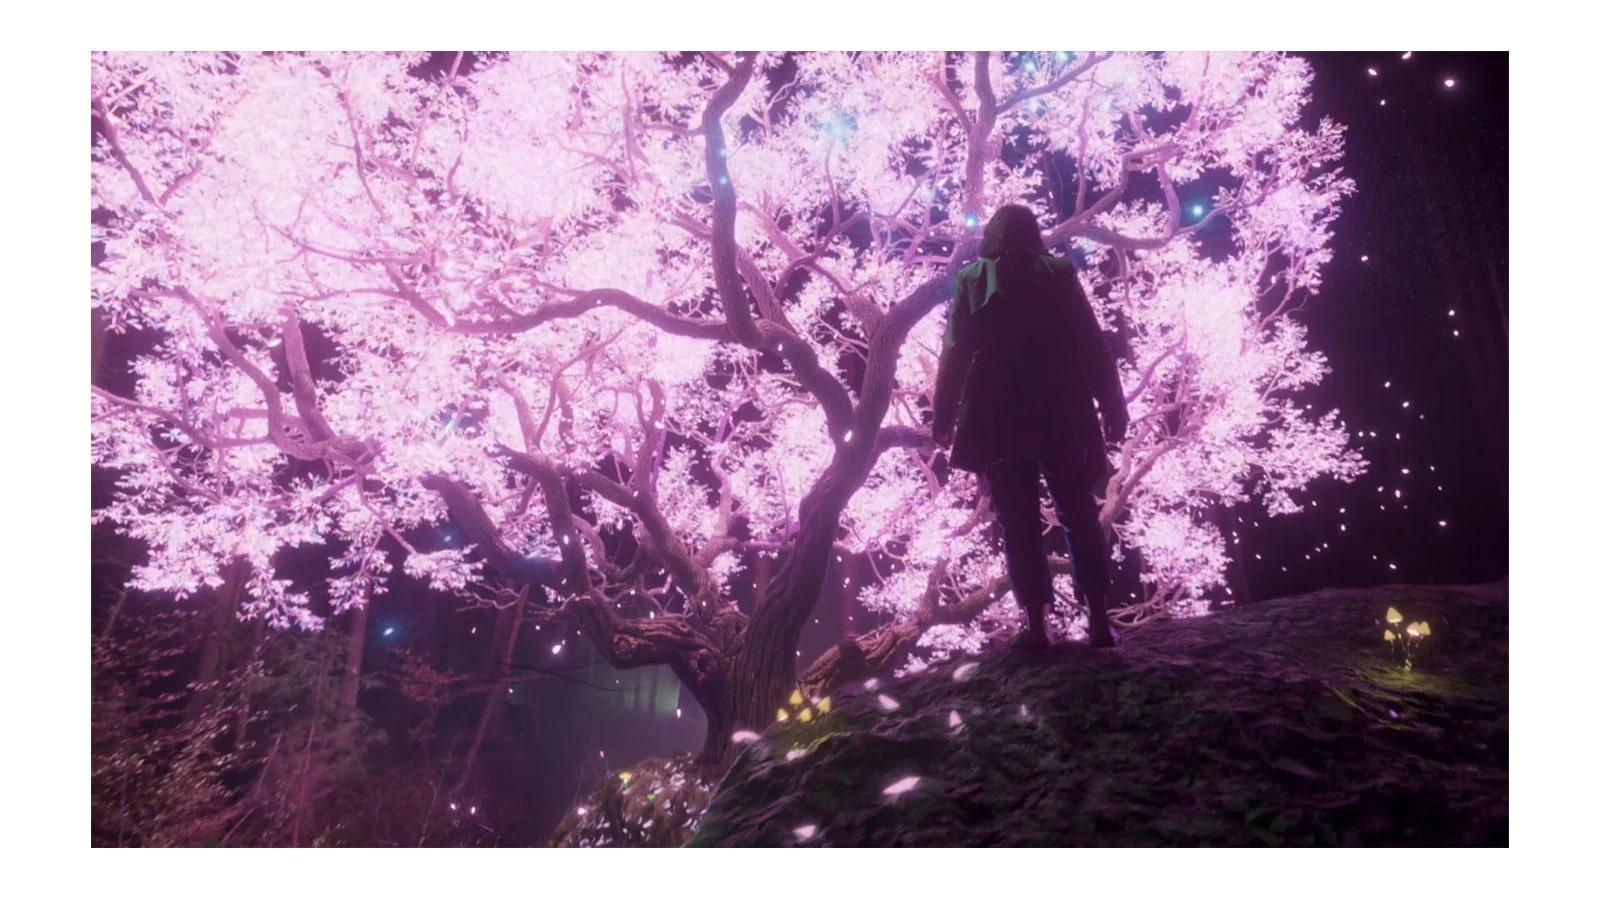 Una pantalla de televisor que muestra los rayos de colores que irradian de un árbol resplandeciente (reproducir el vídeo)